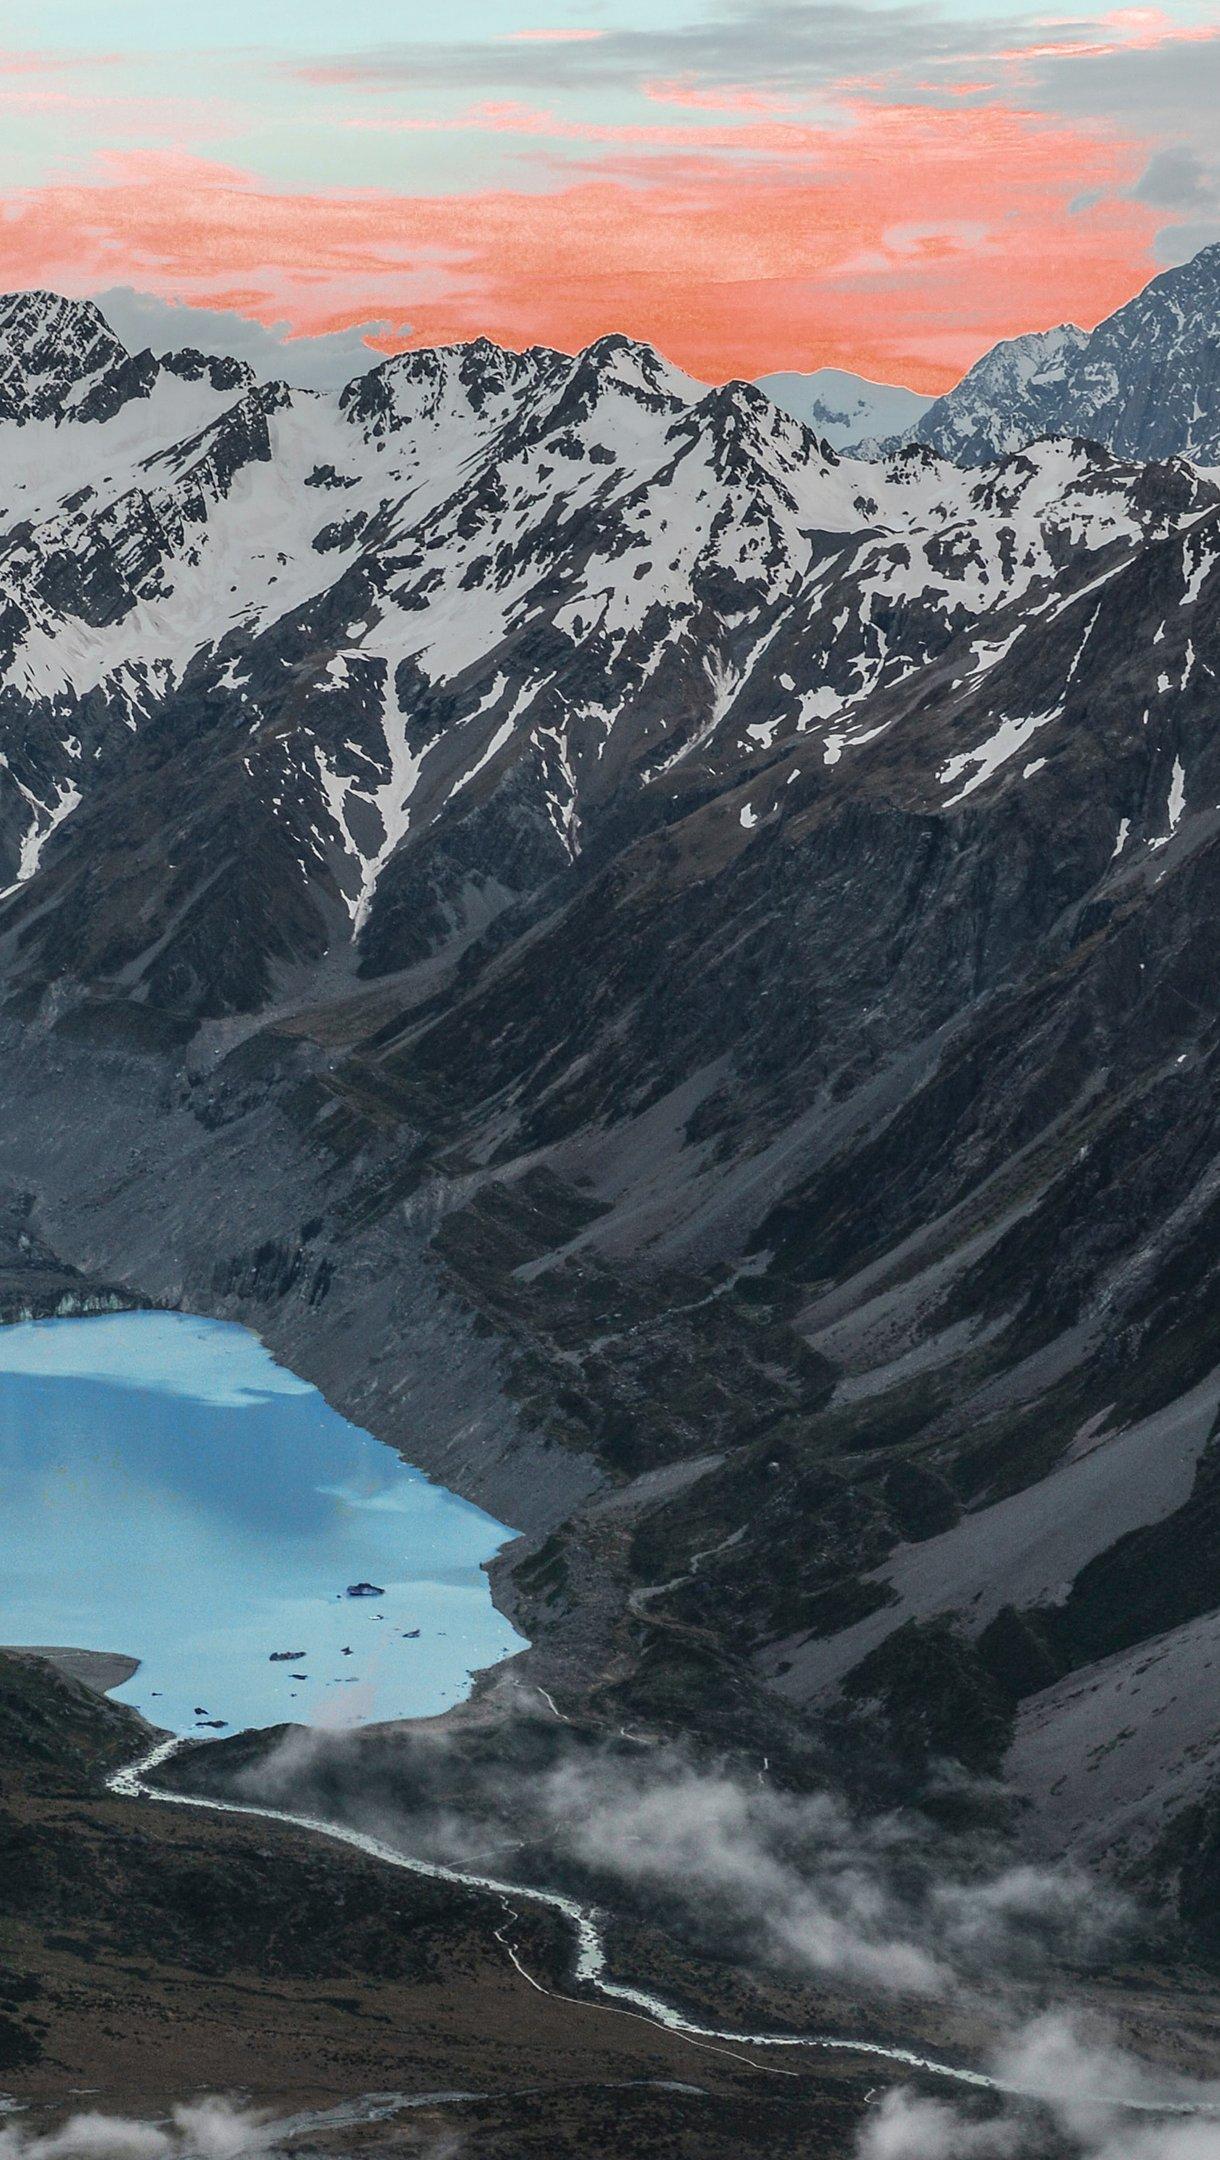 Fondos de pantalla Montañas junto a un lago al atardecer Vertical